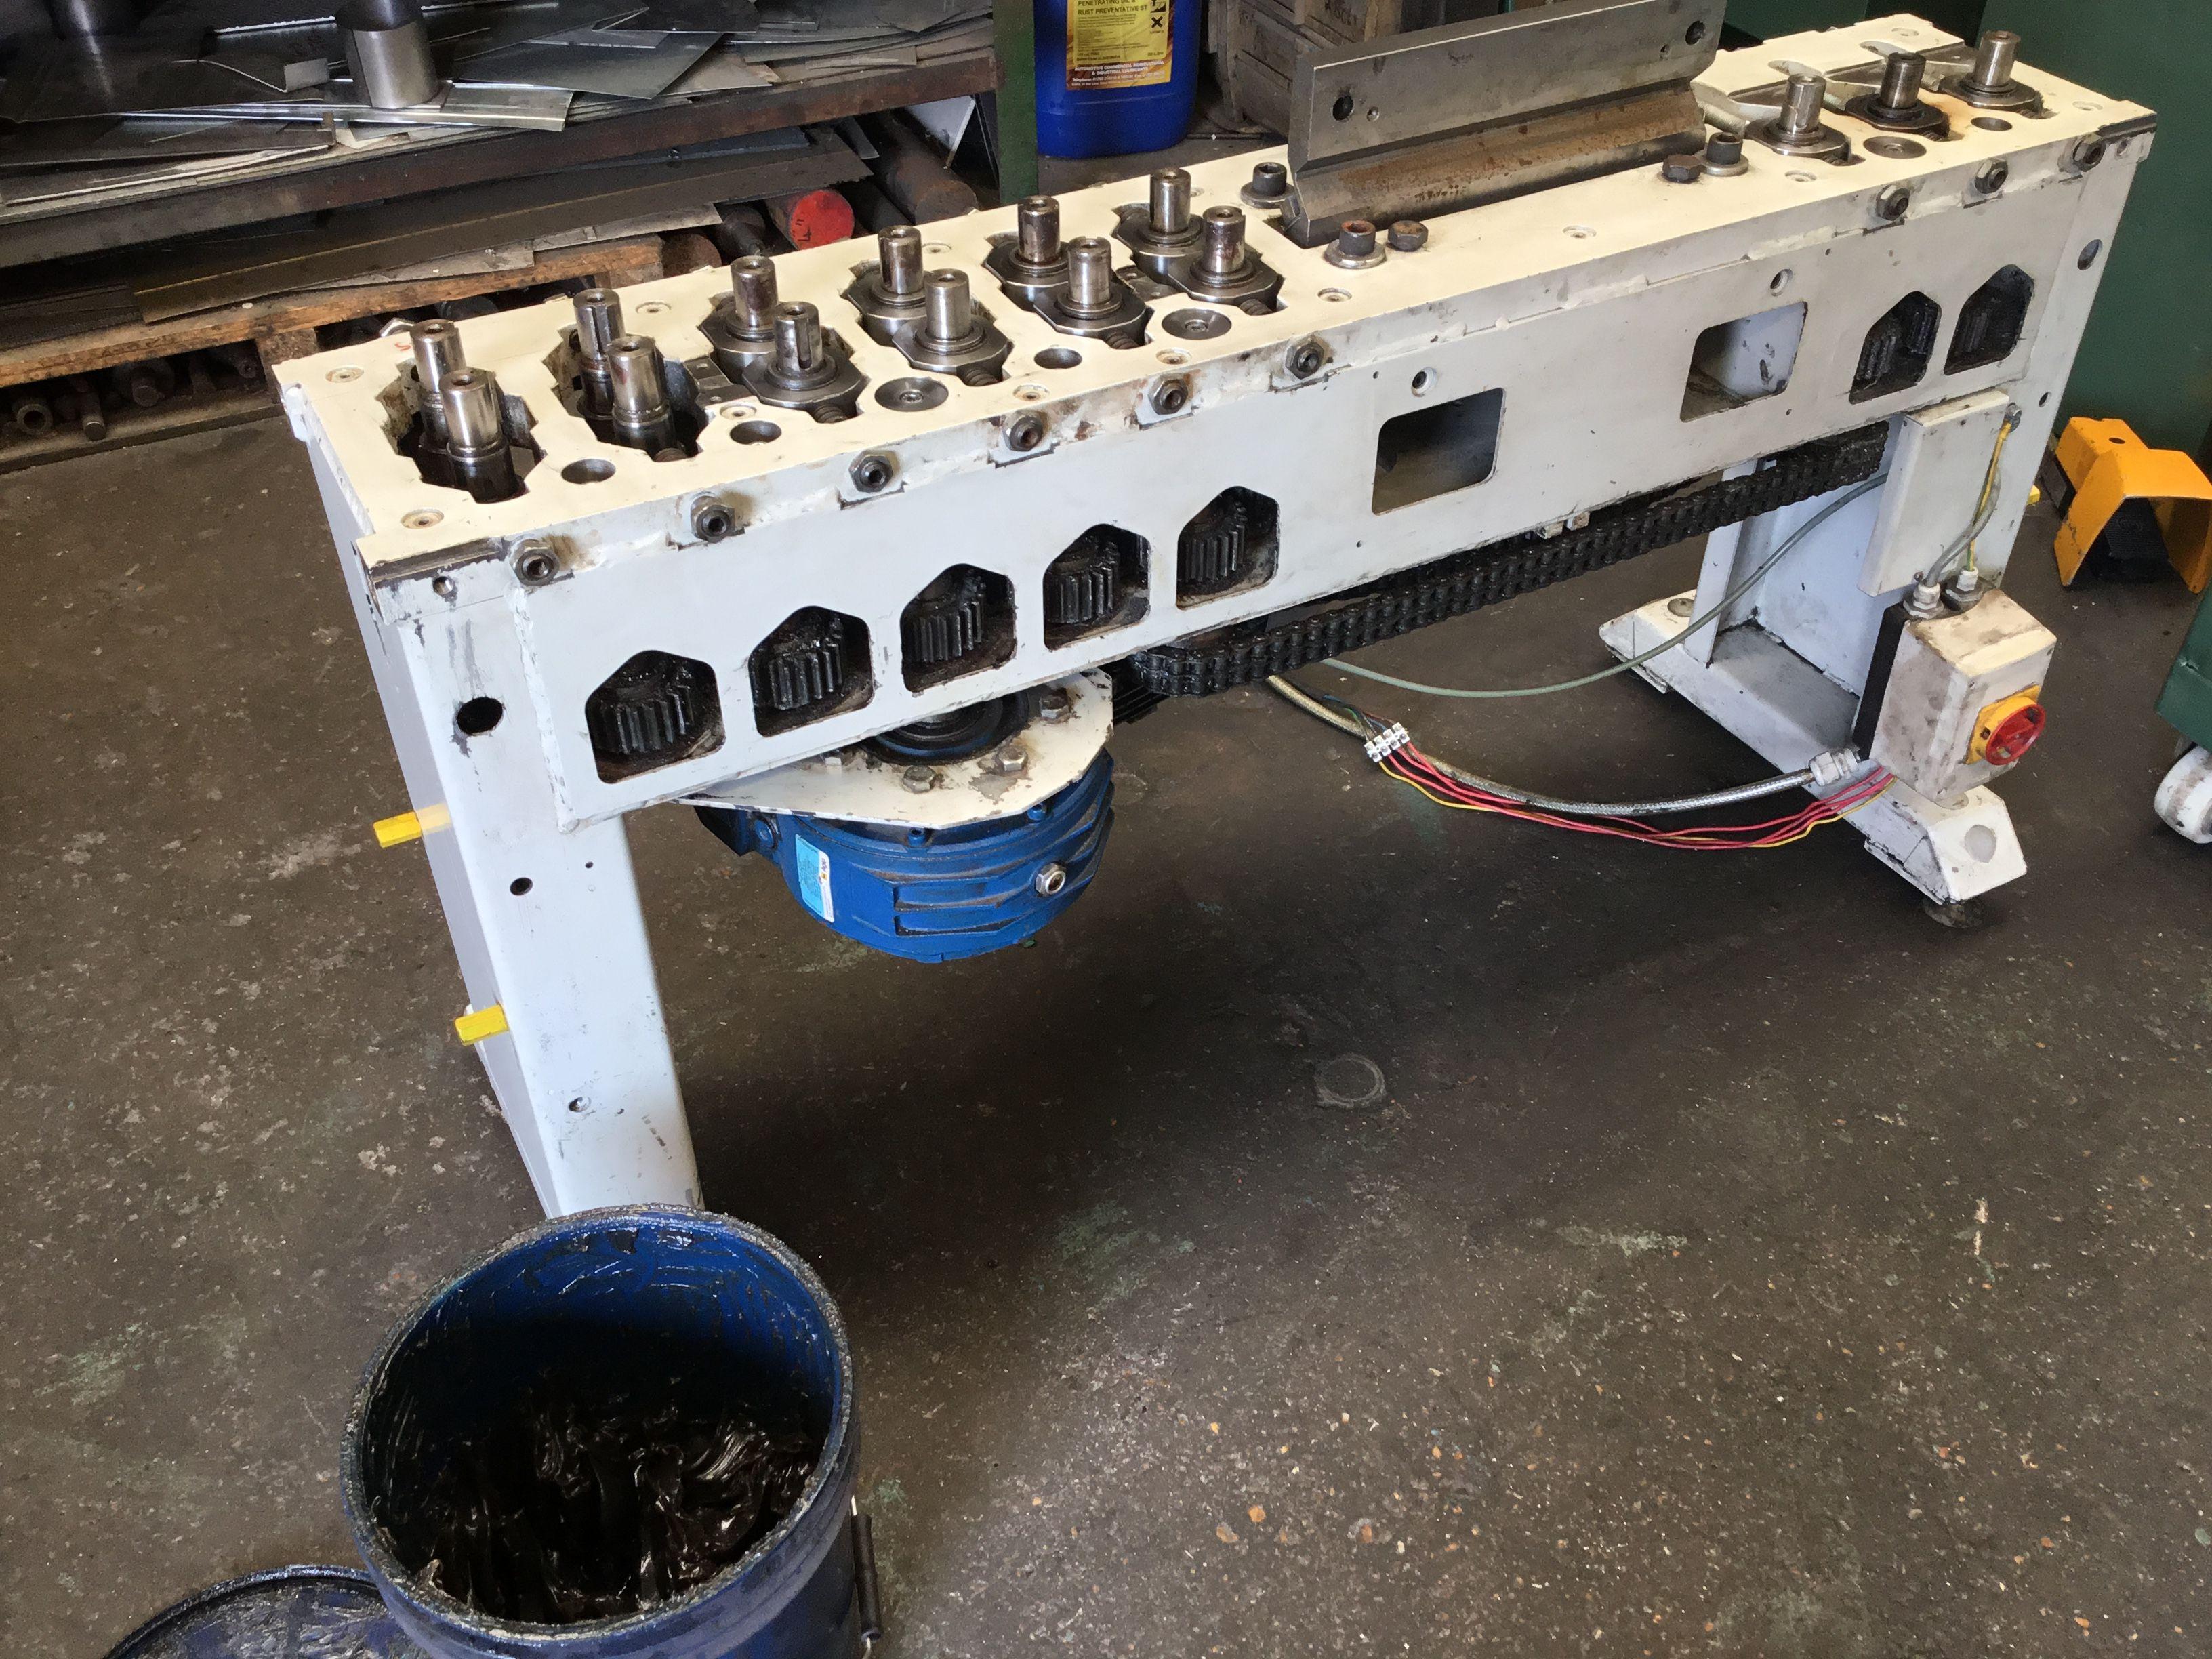 Ras Ductseamer Duct Seamer Ductzipper Duct Zipper Service Repair Repair